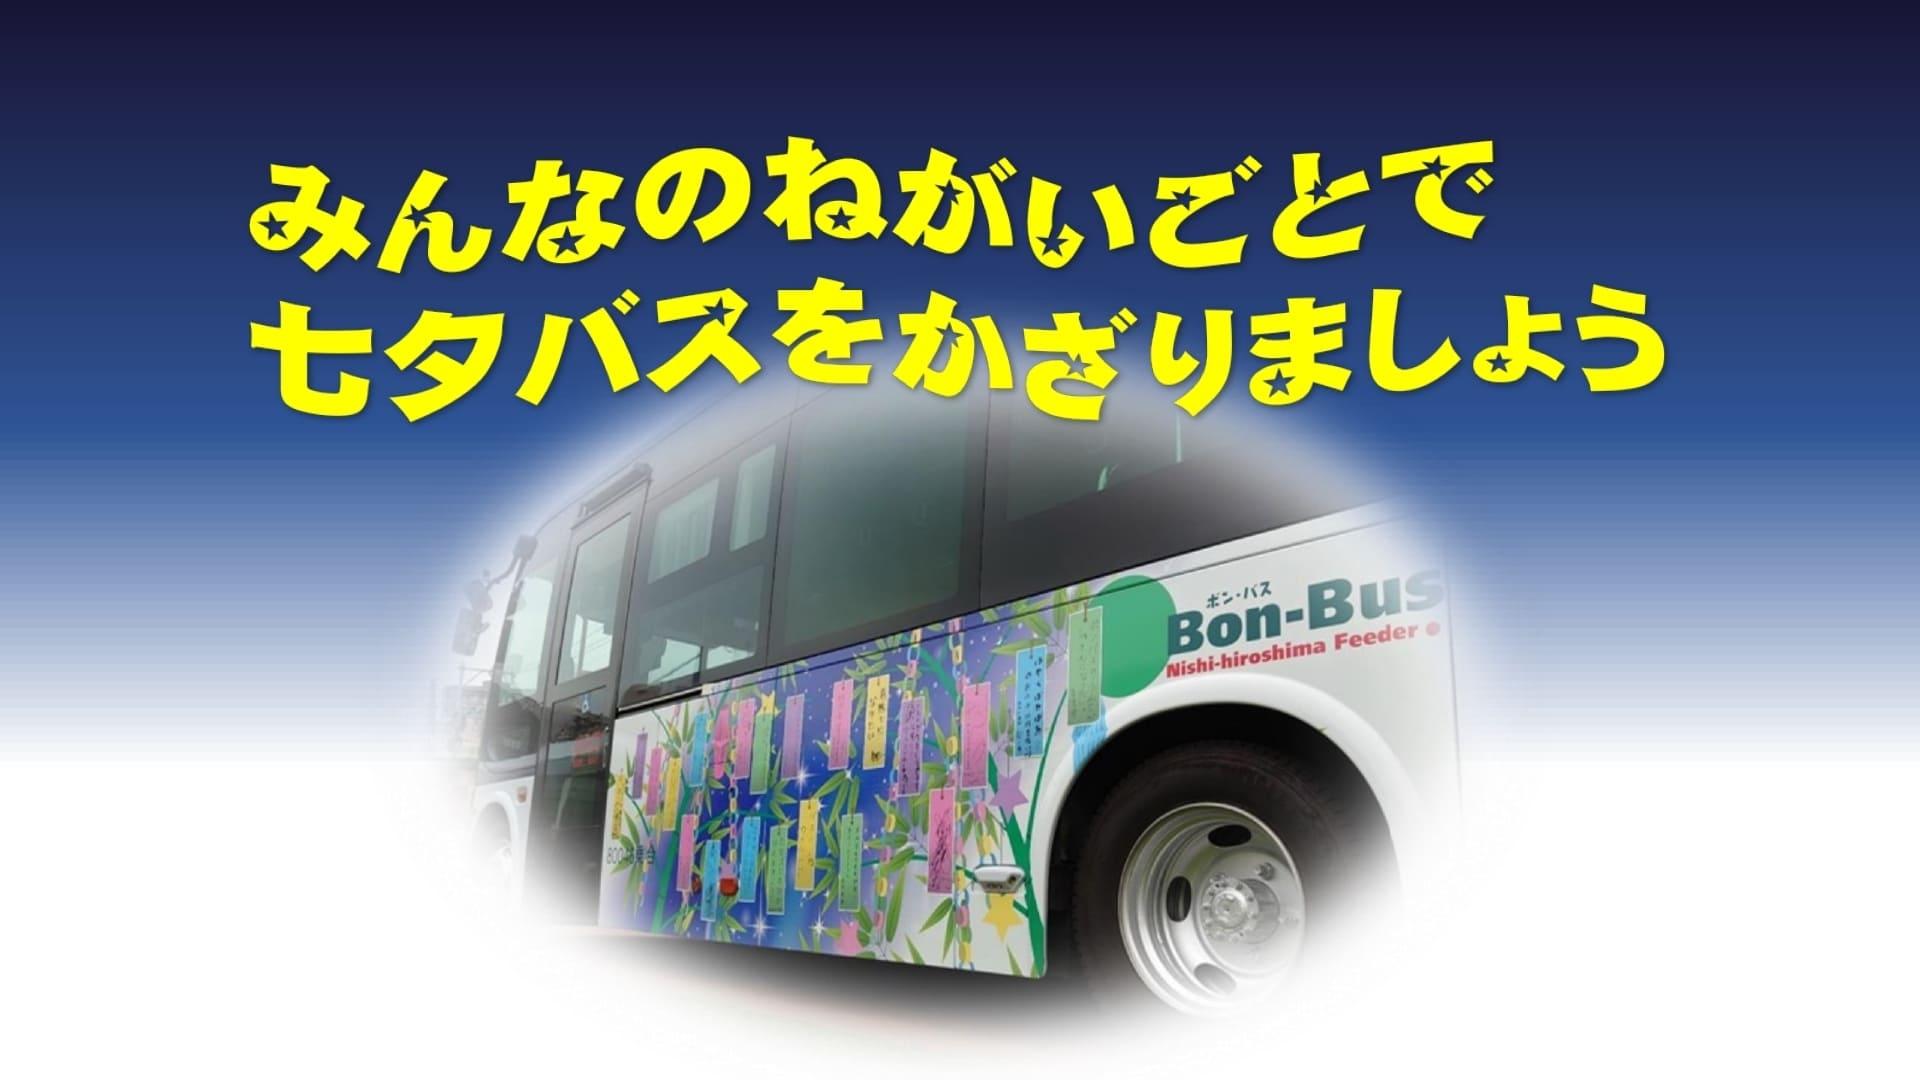 みんなのねがいごとで七夕バスをかざりましょう